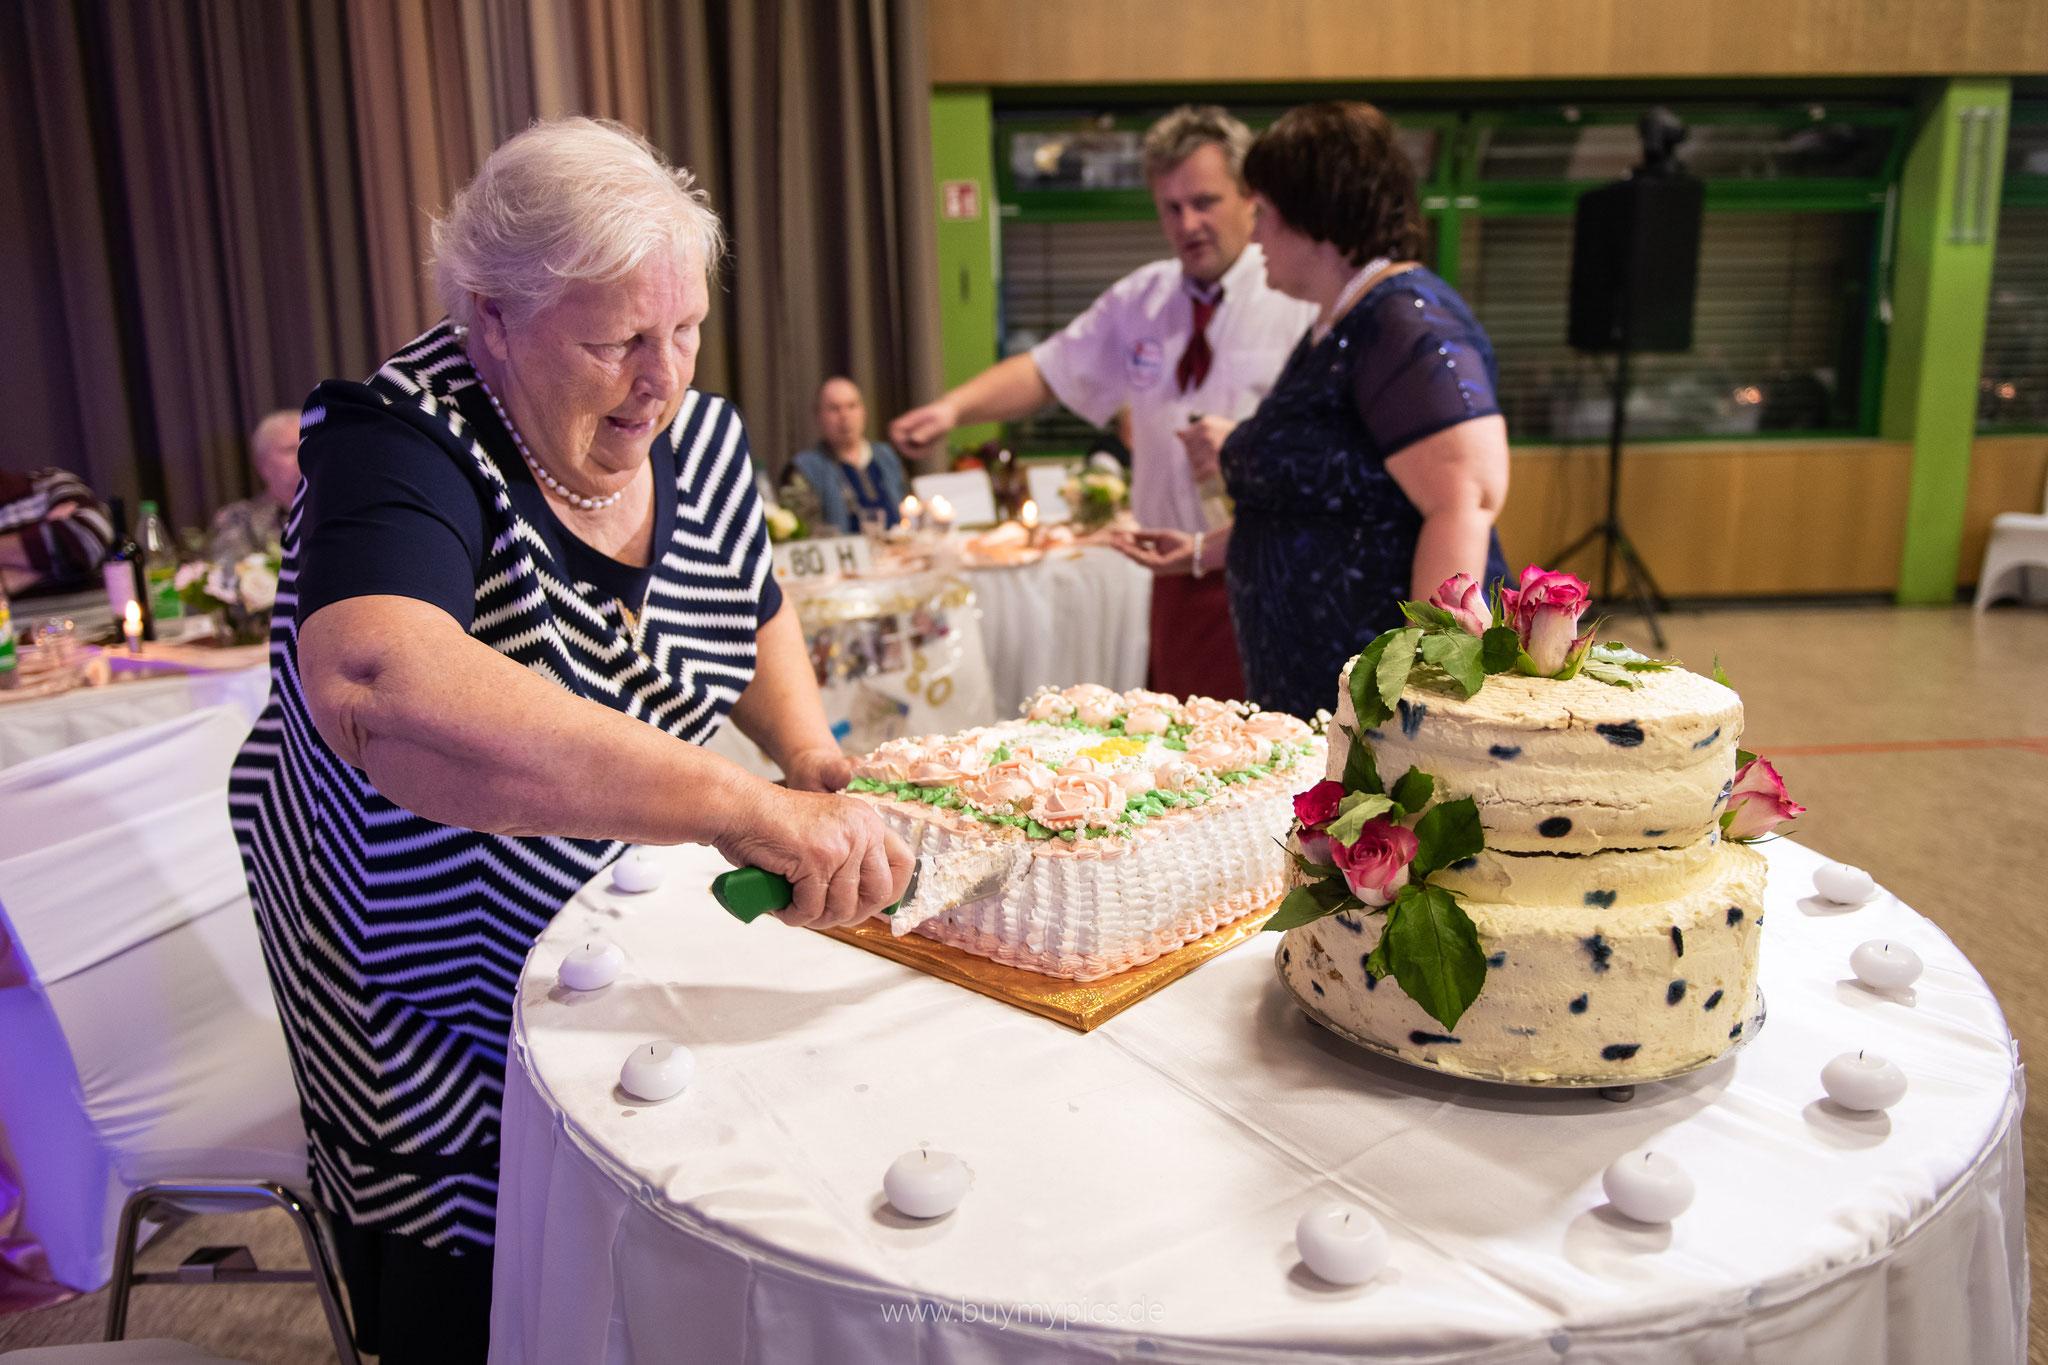 Das Anschneiden der Torte vom Geburtstagskind